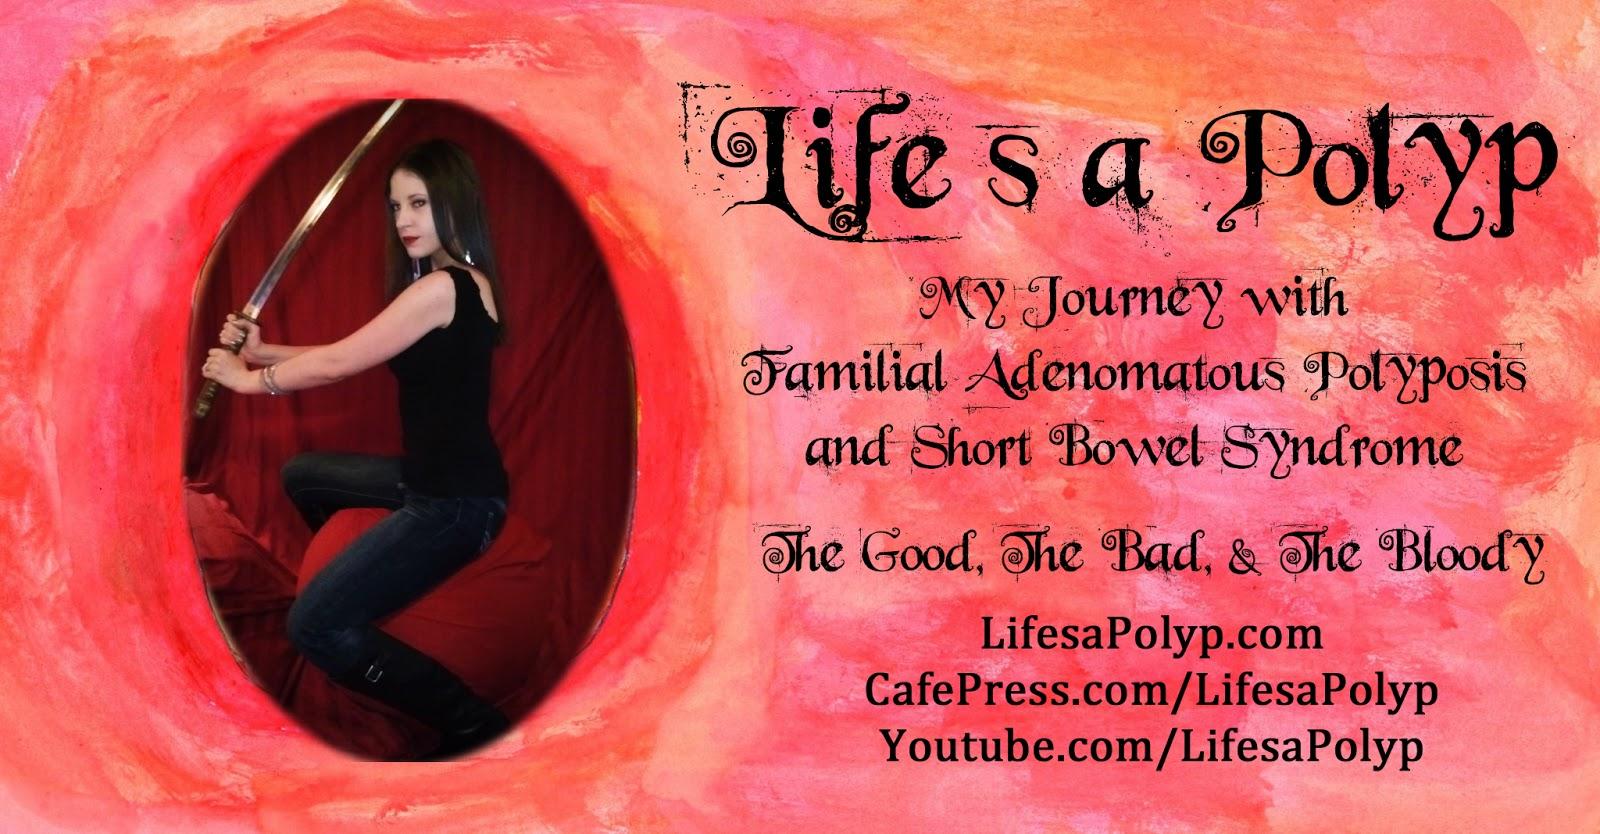 Life's a Polyp